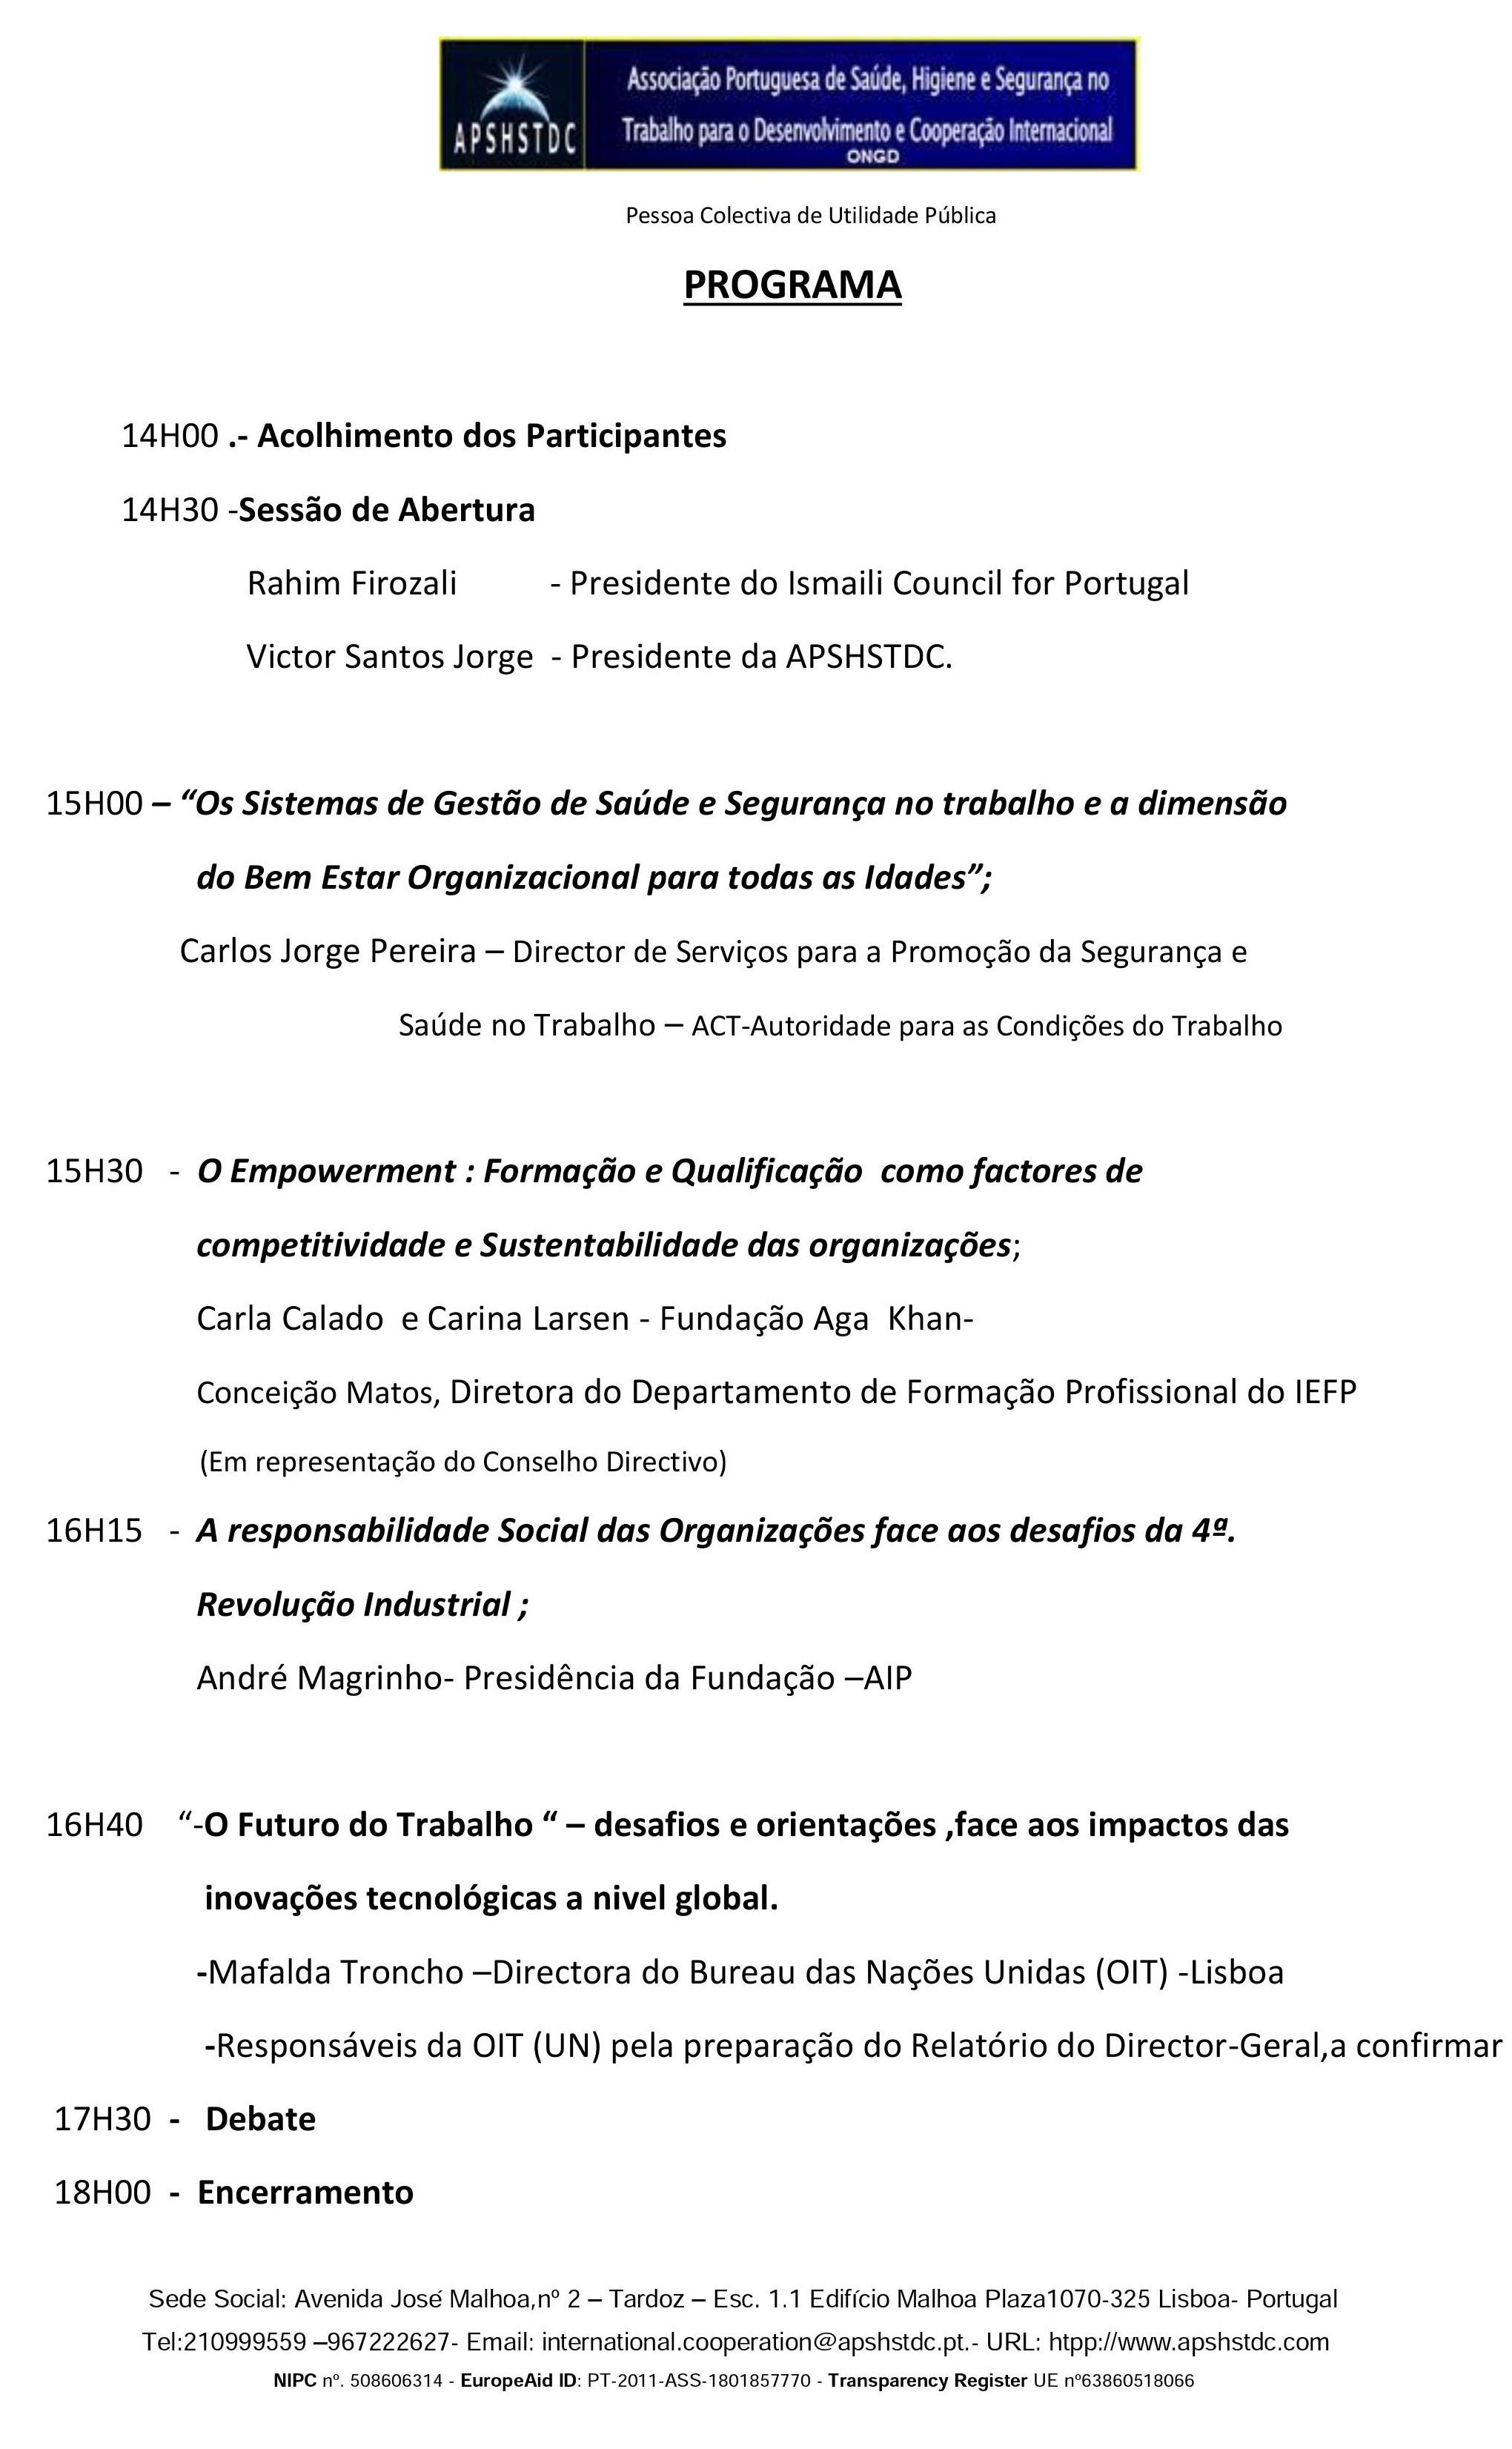 PROGRAMA - CONFERENCIA/DEBATE